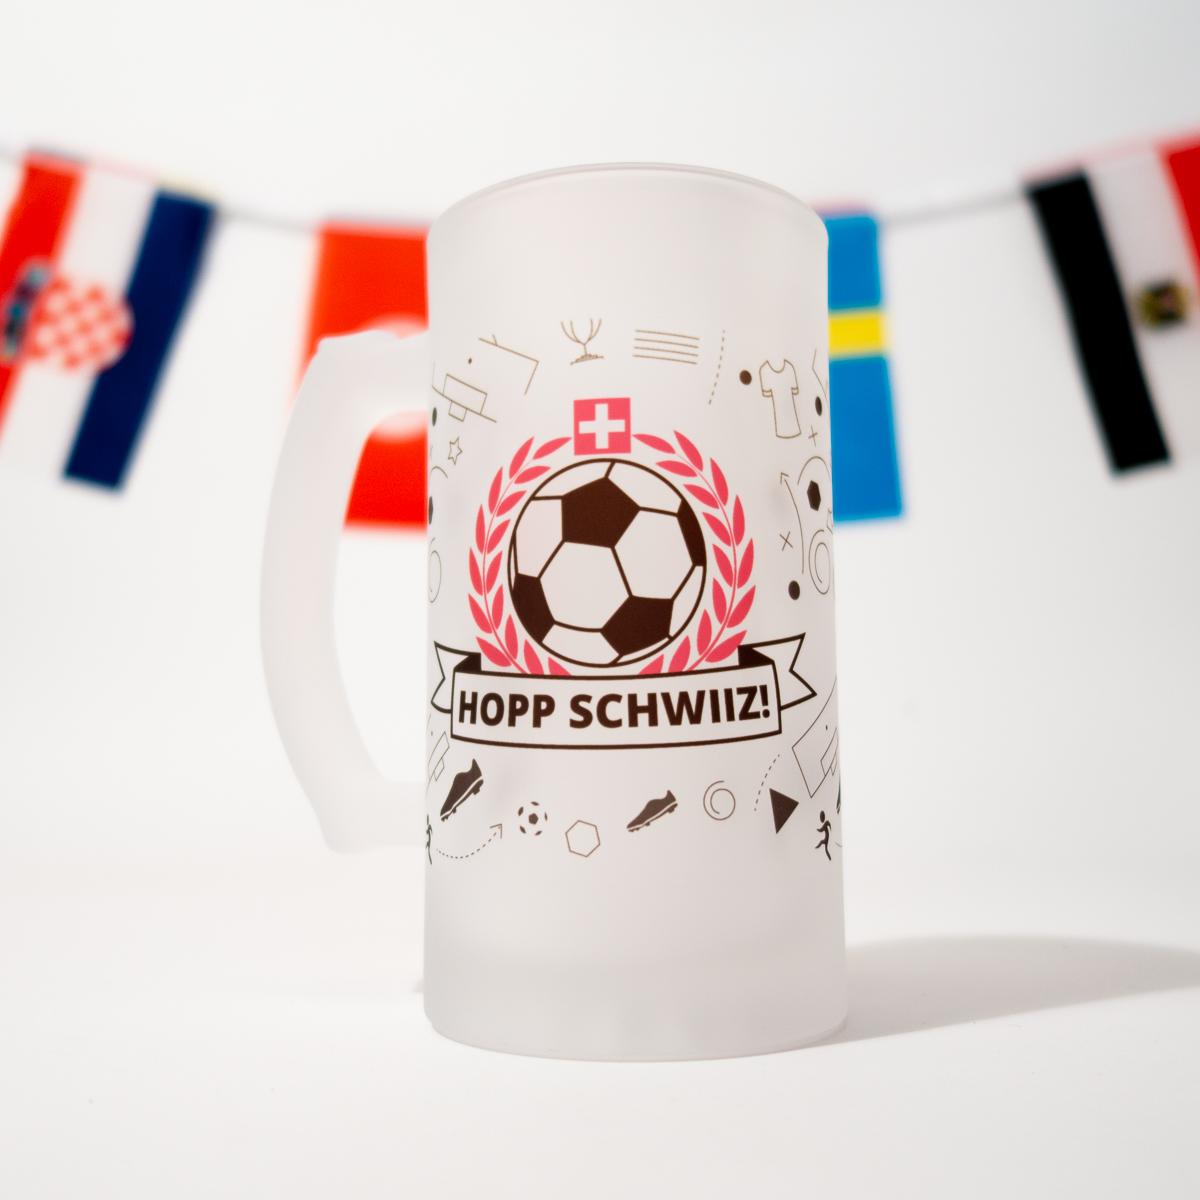 Image of Bierkrug Hopp Schwiiz